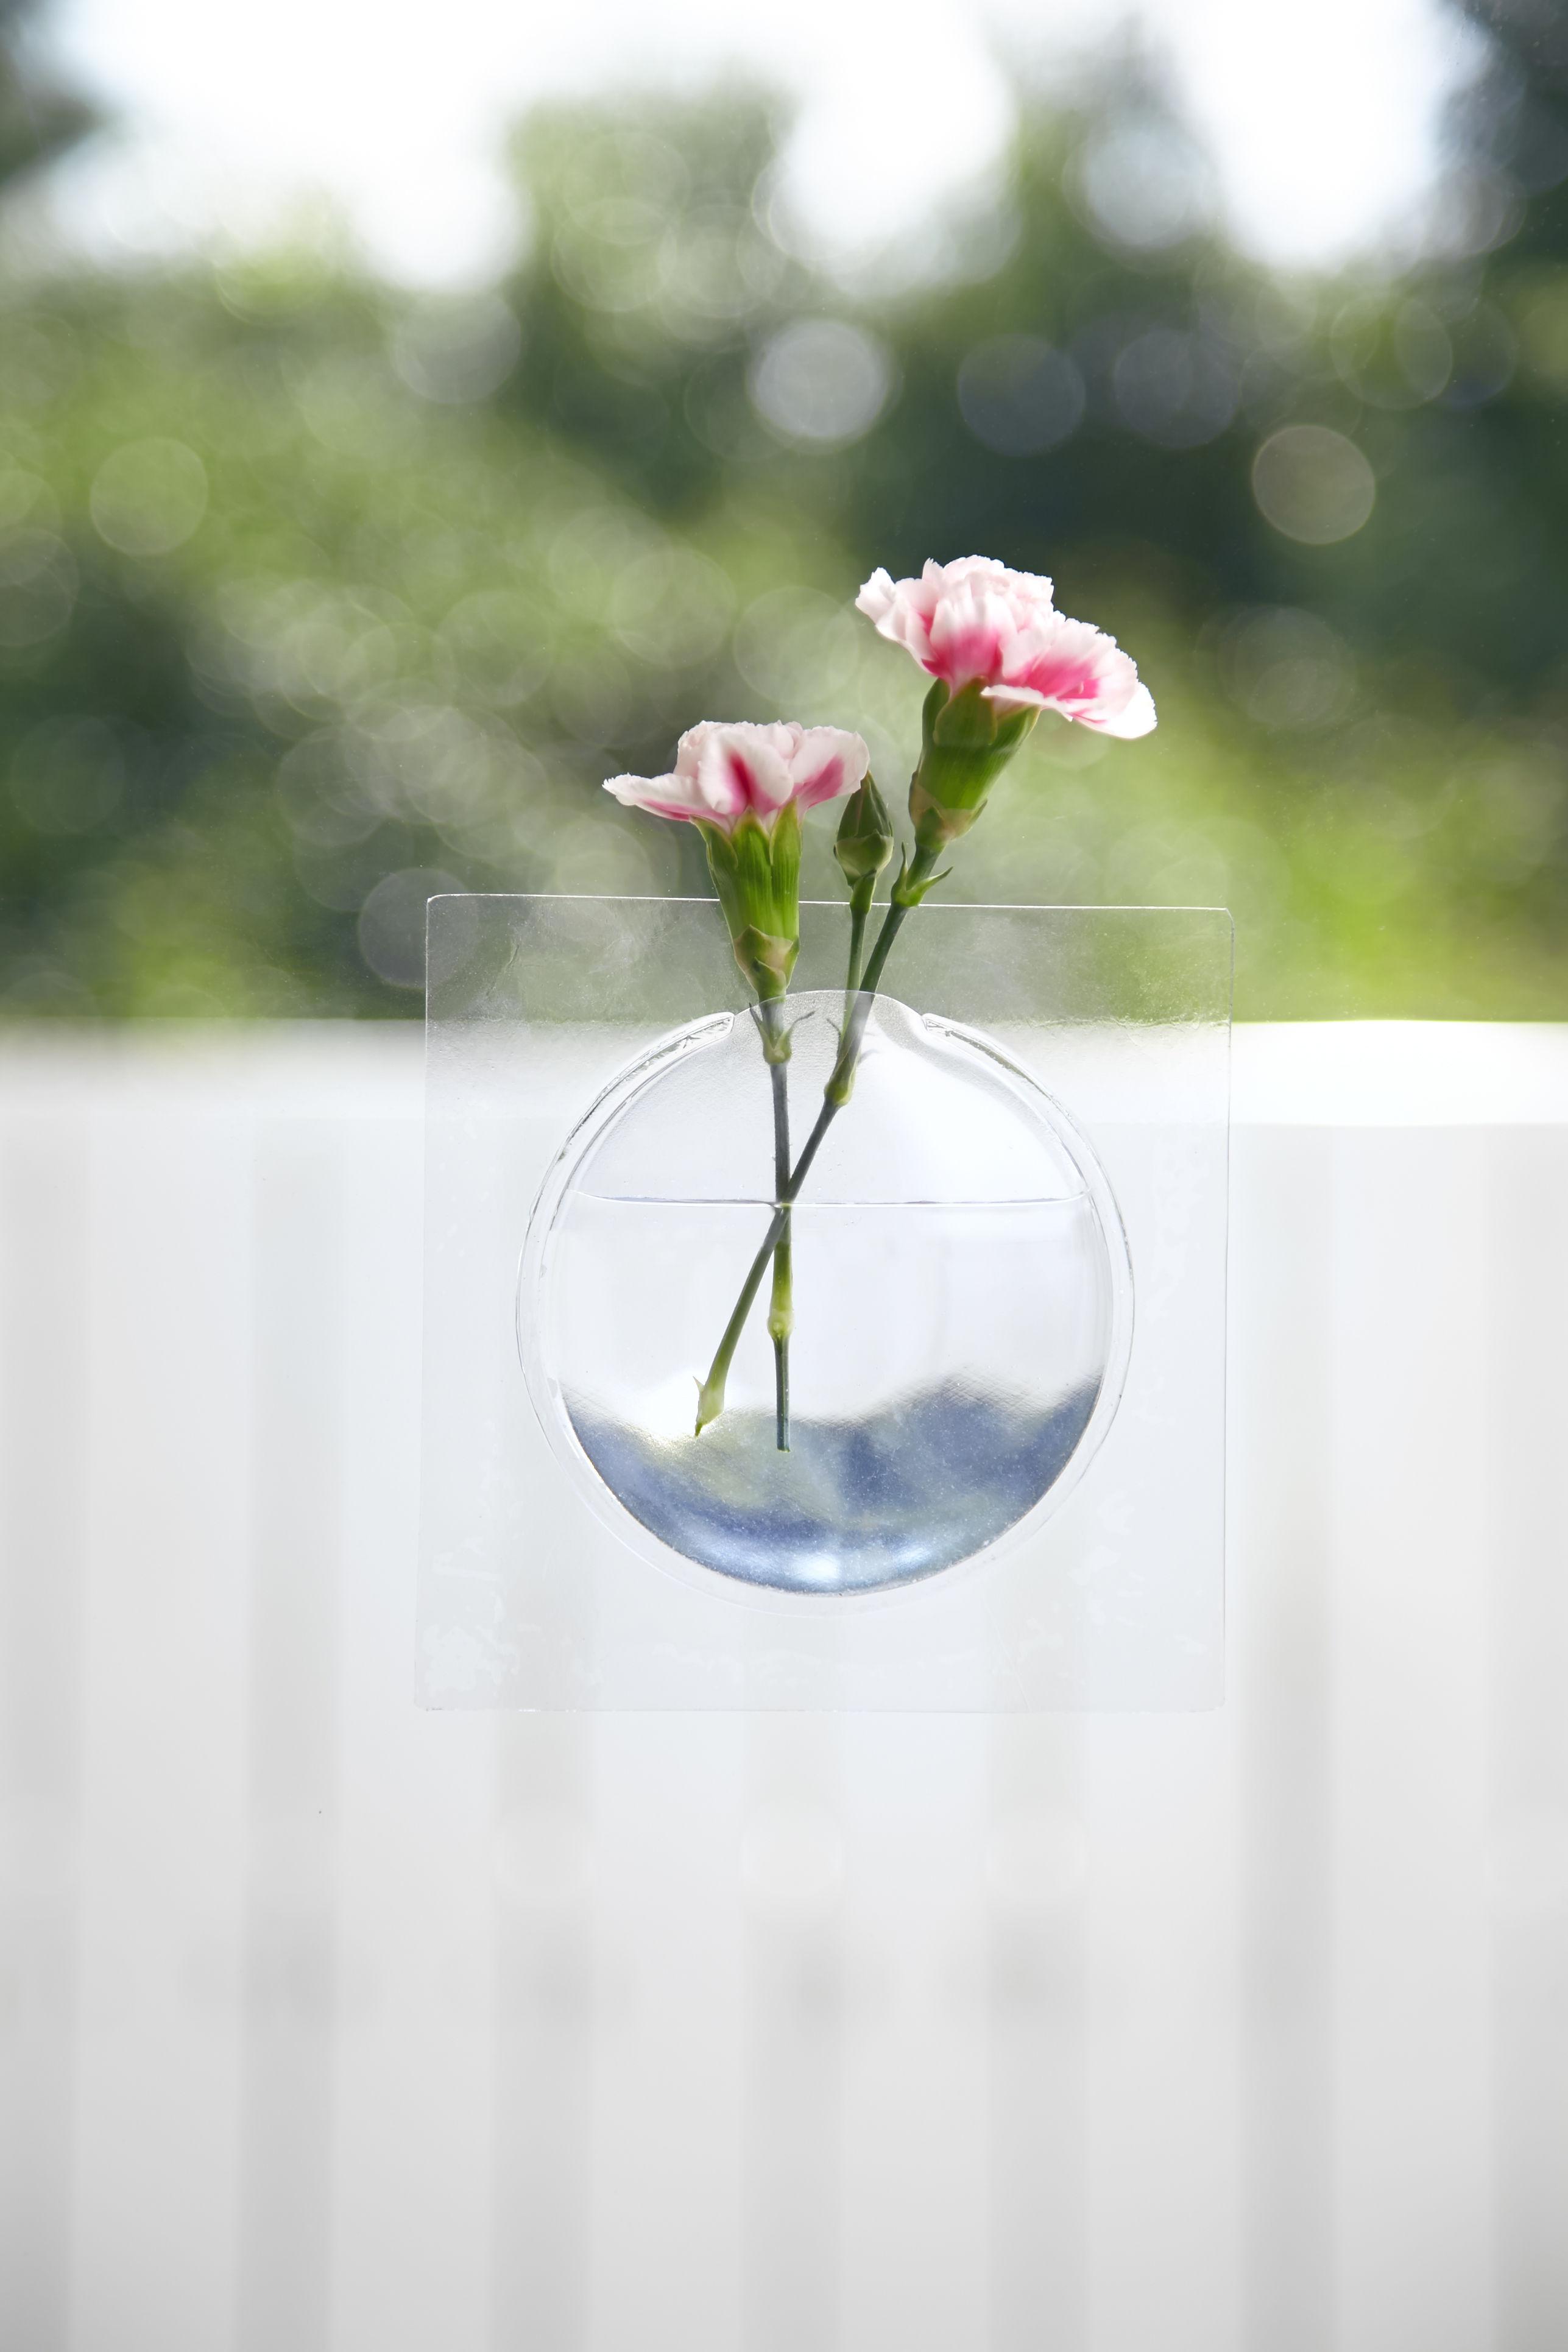 宙に花を生ける!? 窓に貼る花瓶「Kaki」がカワイイ